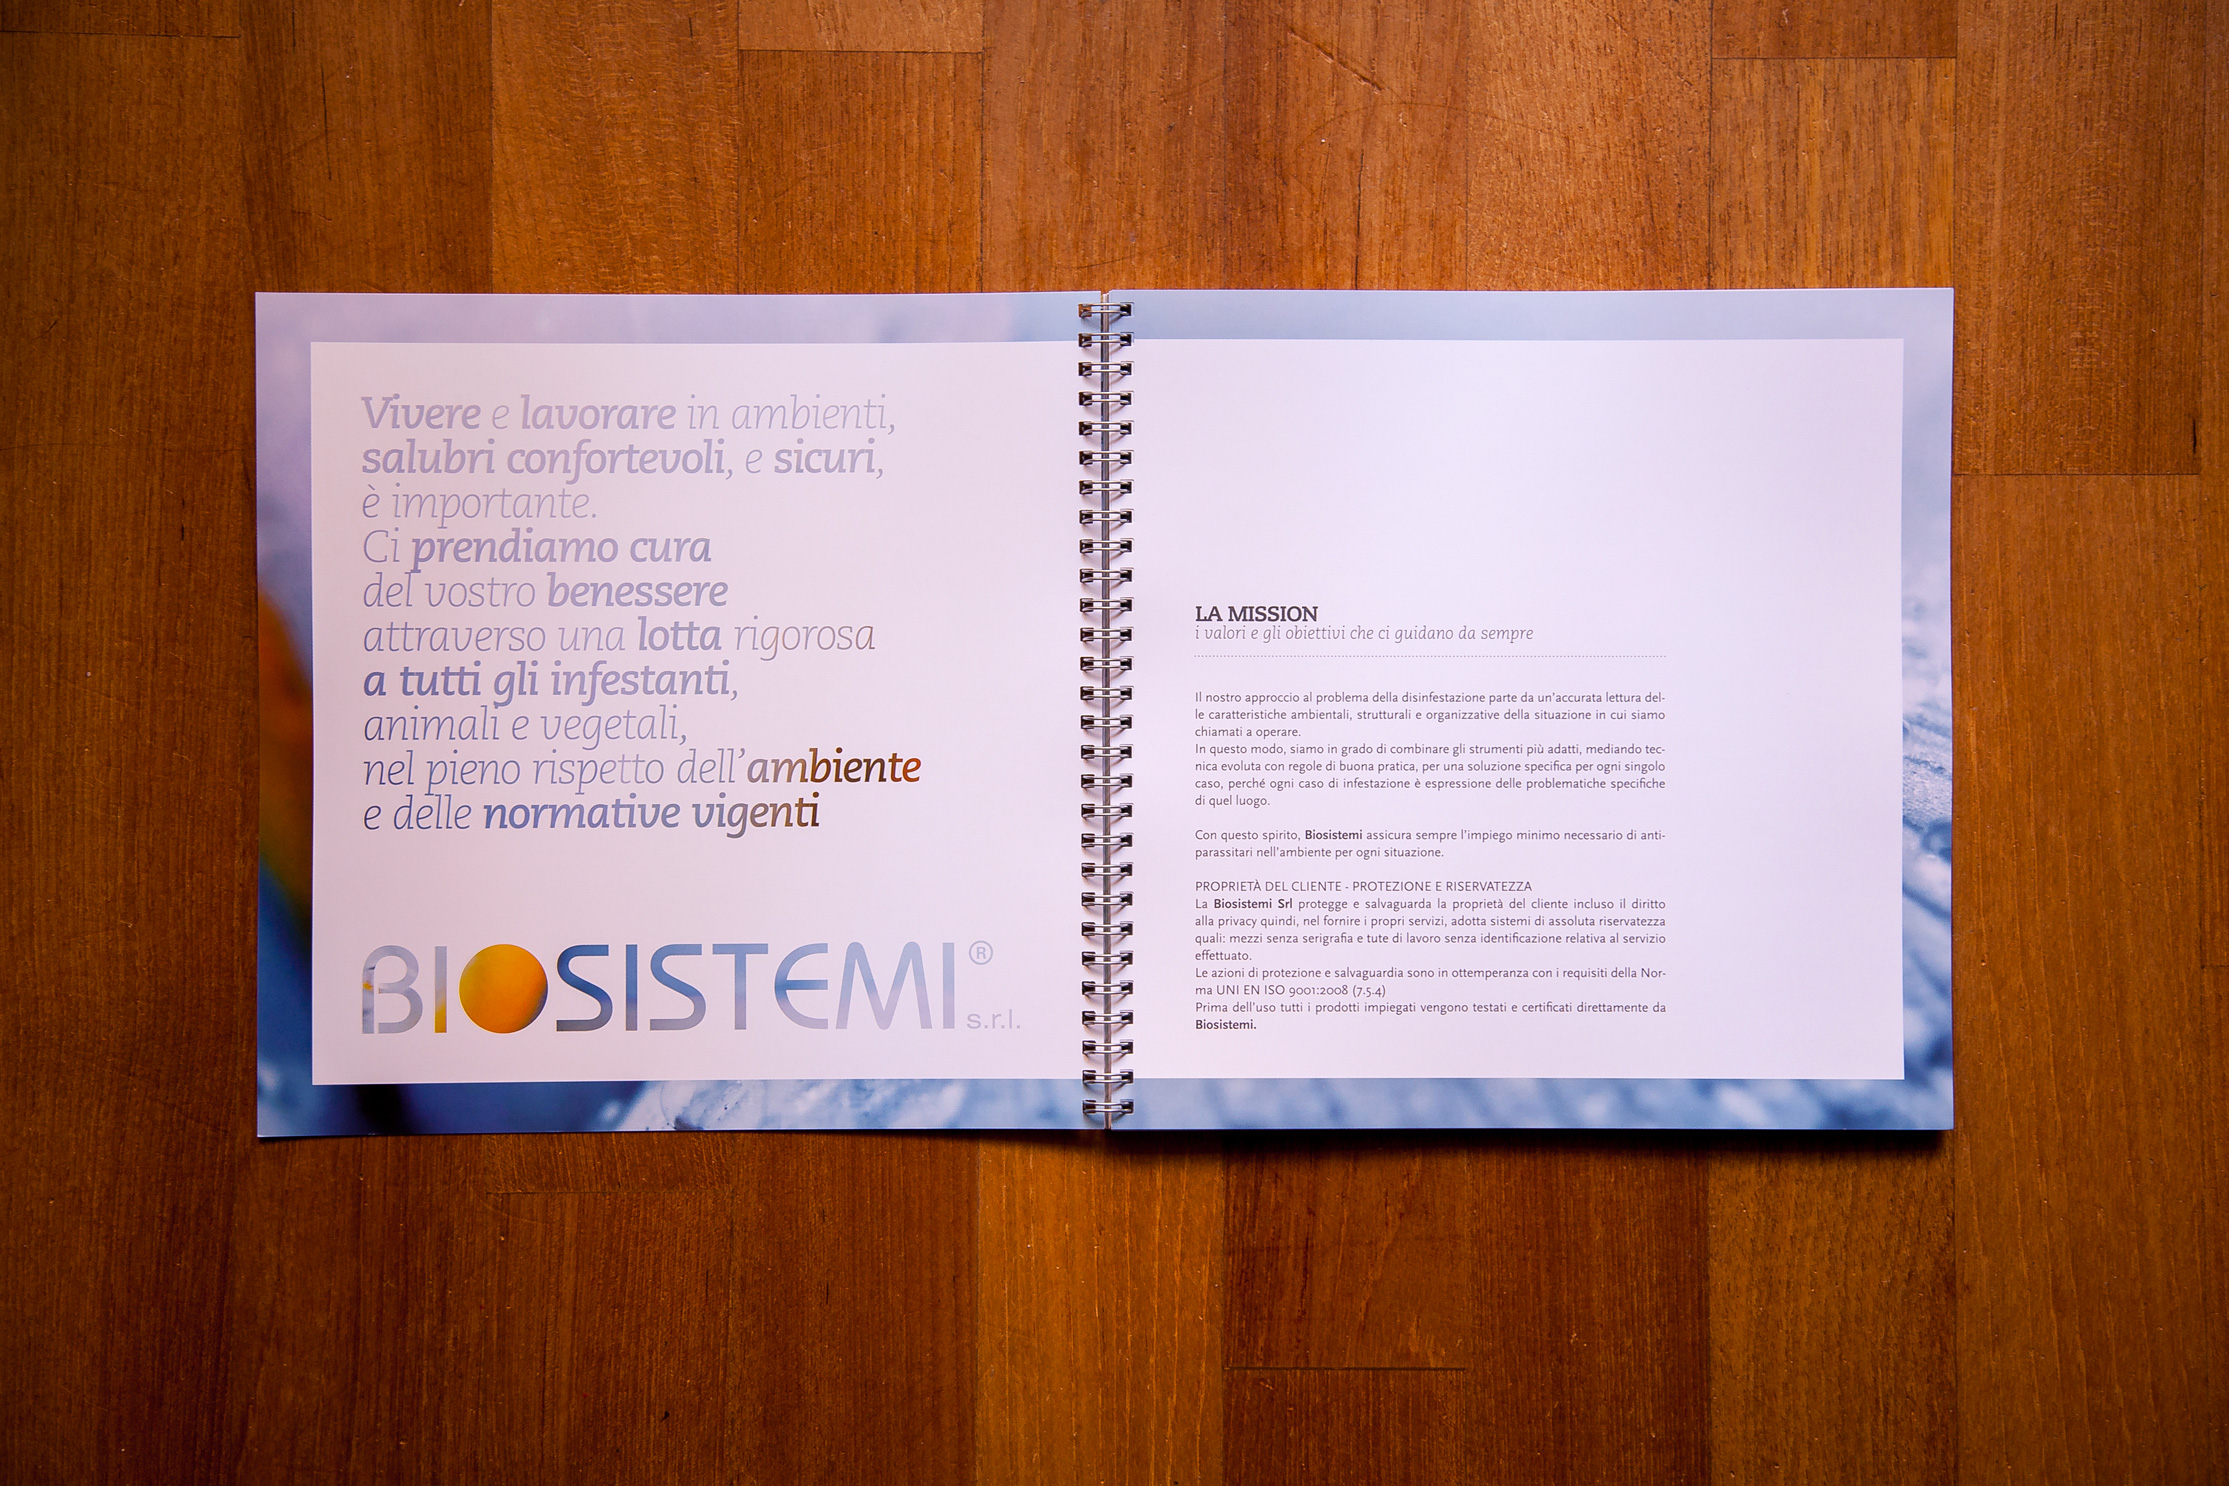 BIOSISTEMI company profile, mission